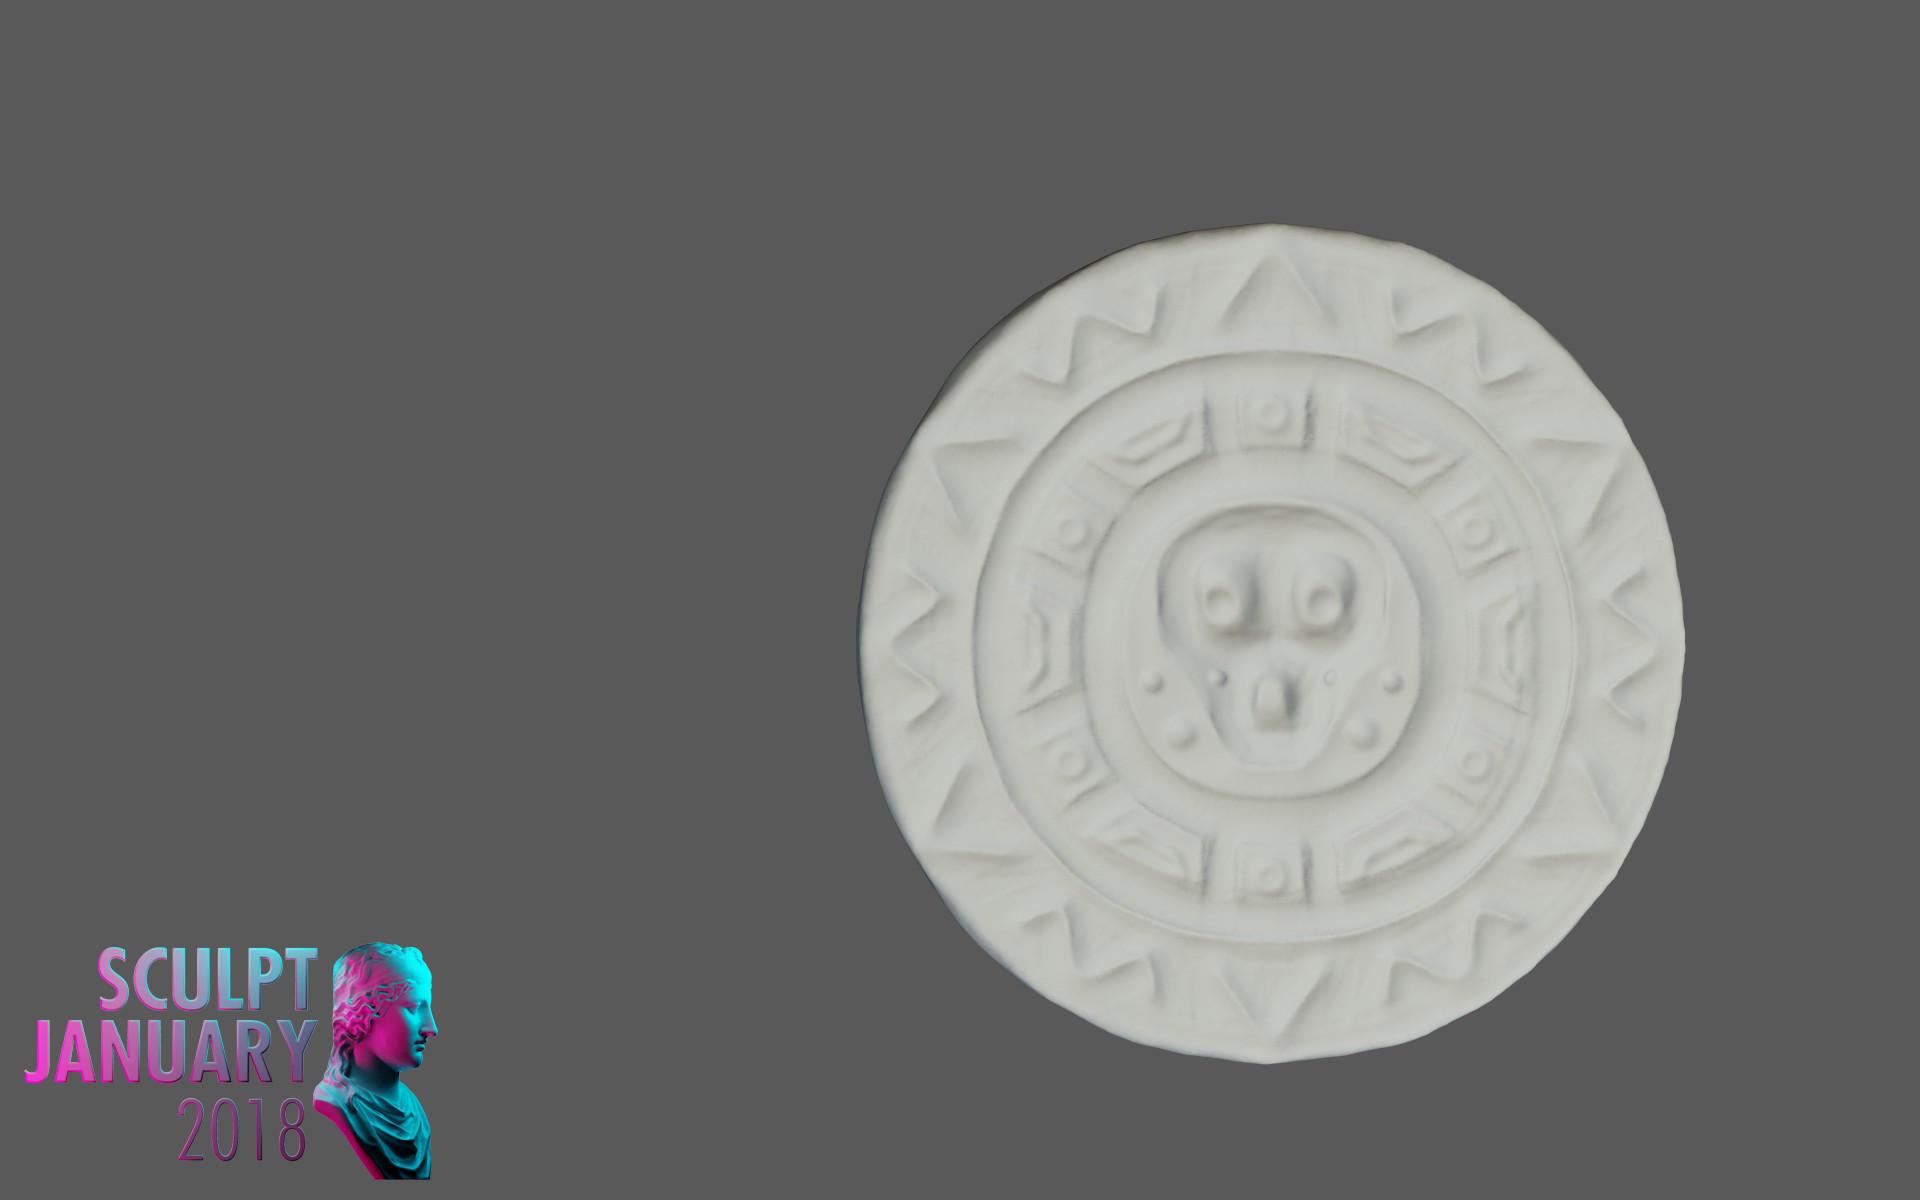 Matej chalachan coin